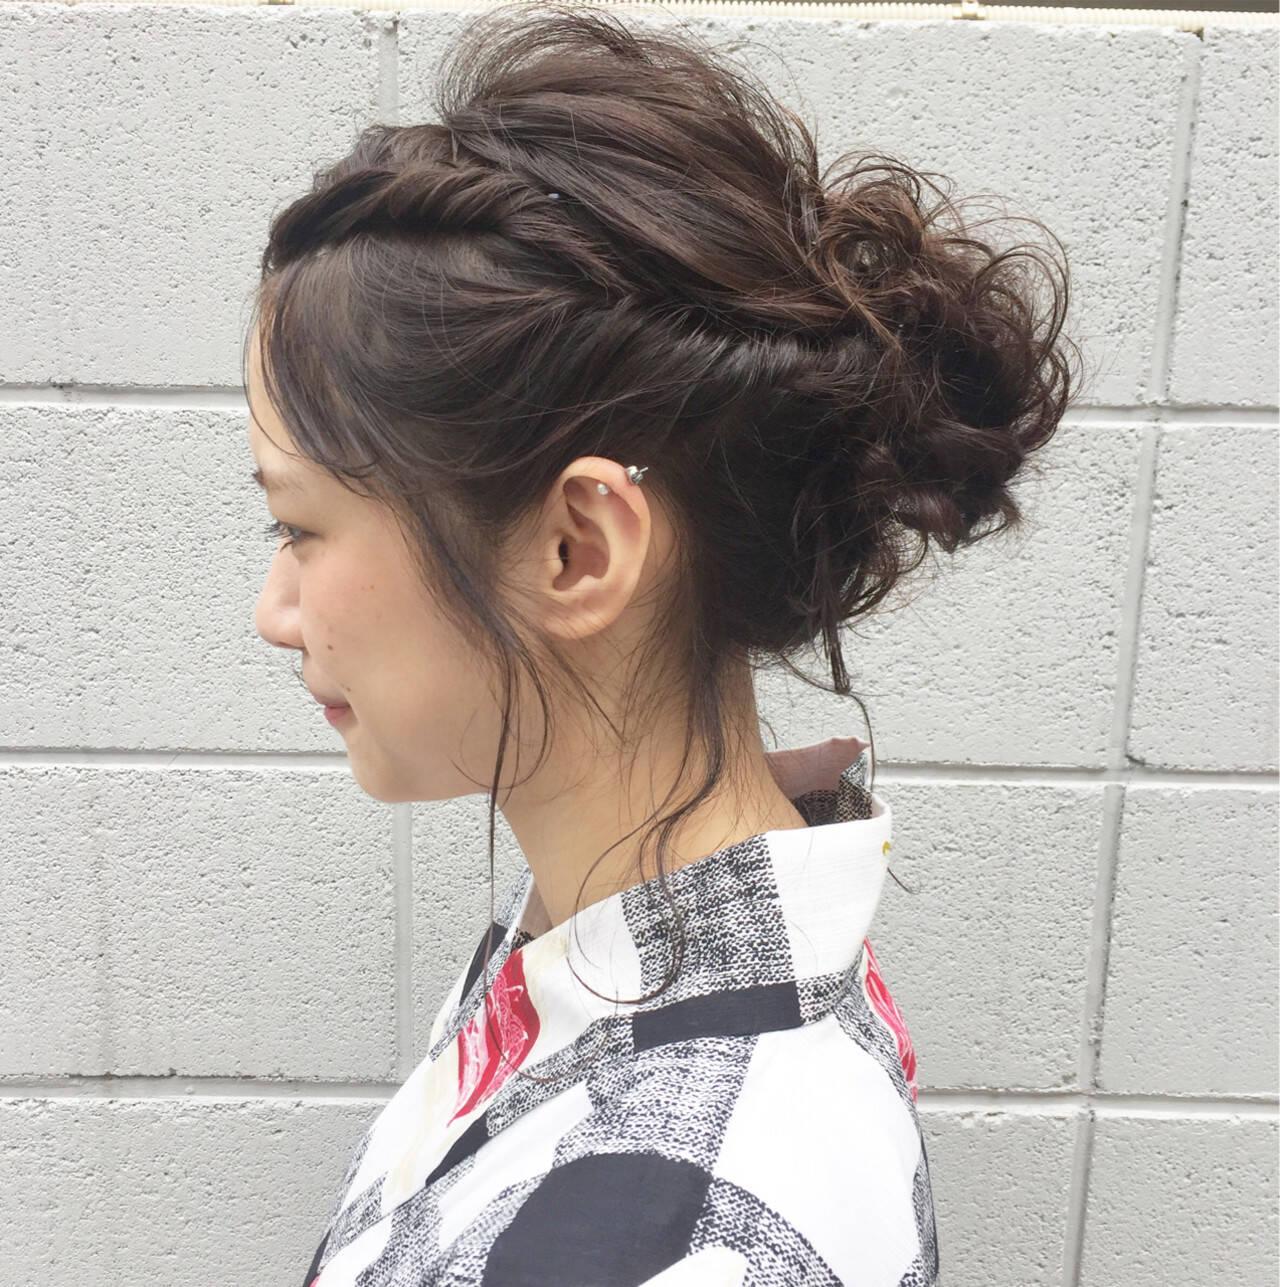 ミディアム 花火大会 ヘアアレンジ ナチュラルヘアスタイルや髪型の写真・画像